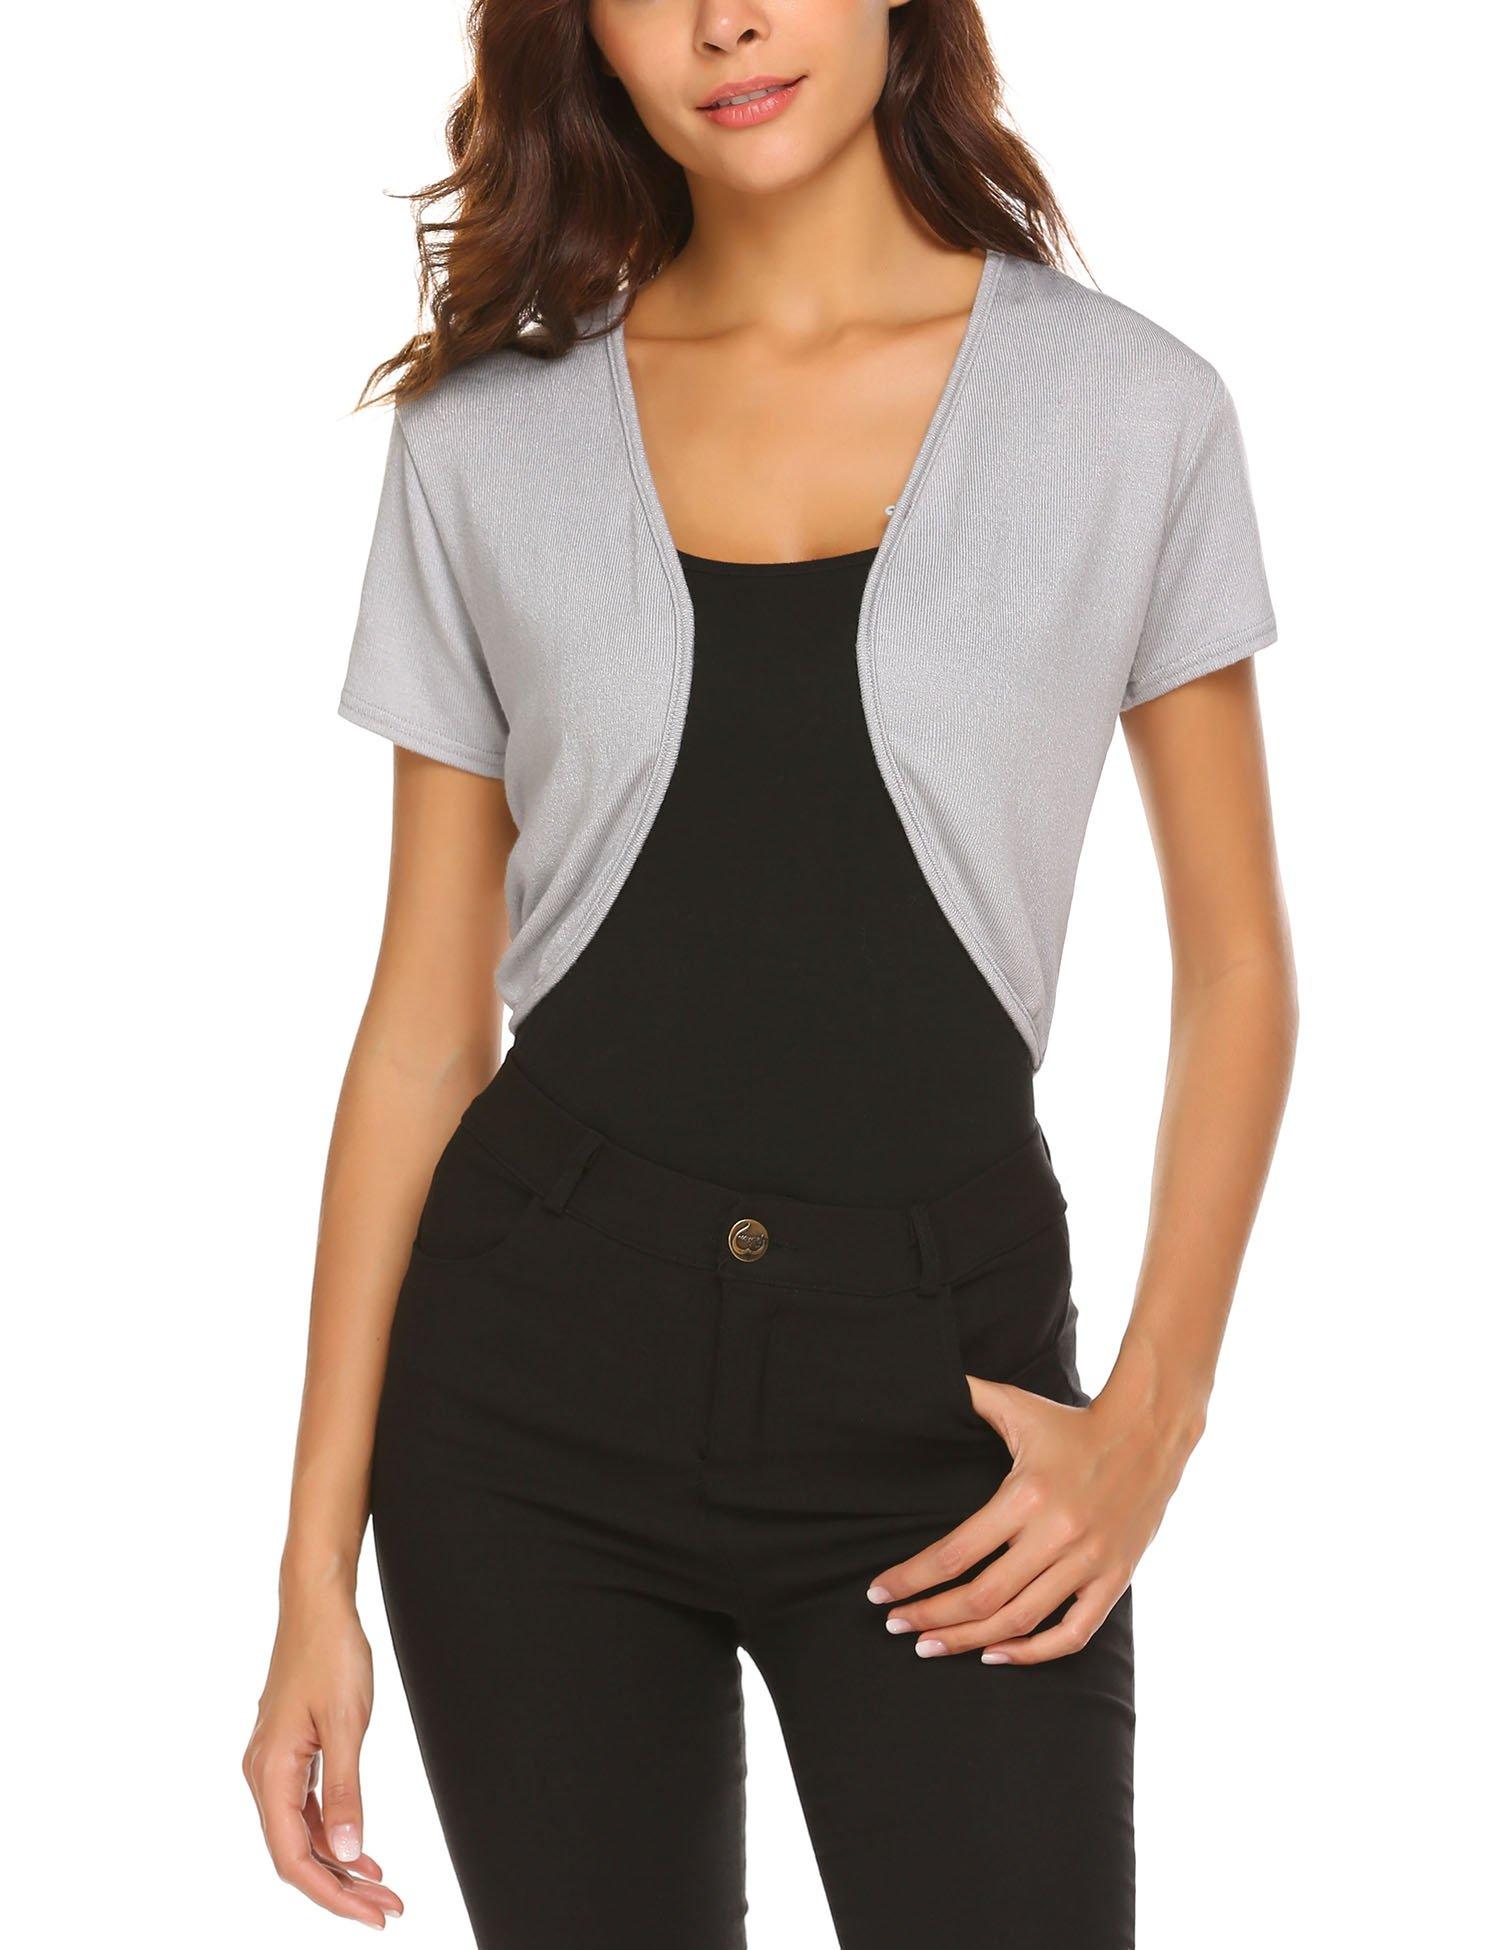 Donkap Women Basic Short Sleeve Versatile Bolero Shrug Cardigan,Gray, XL